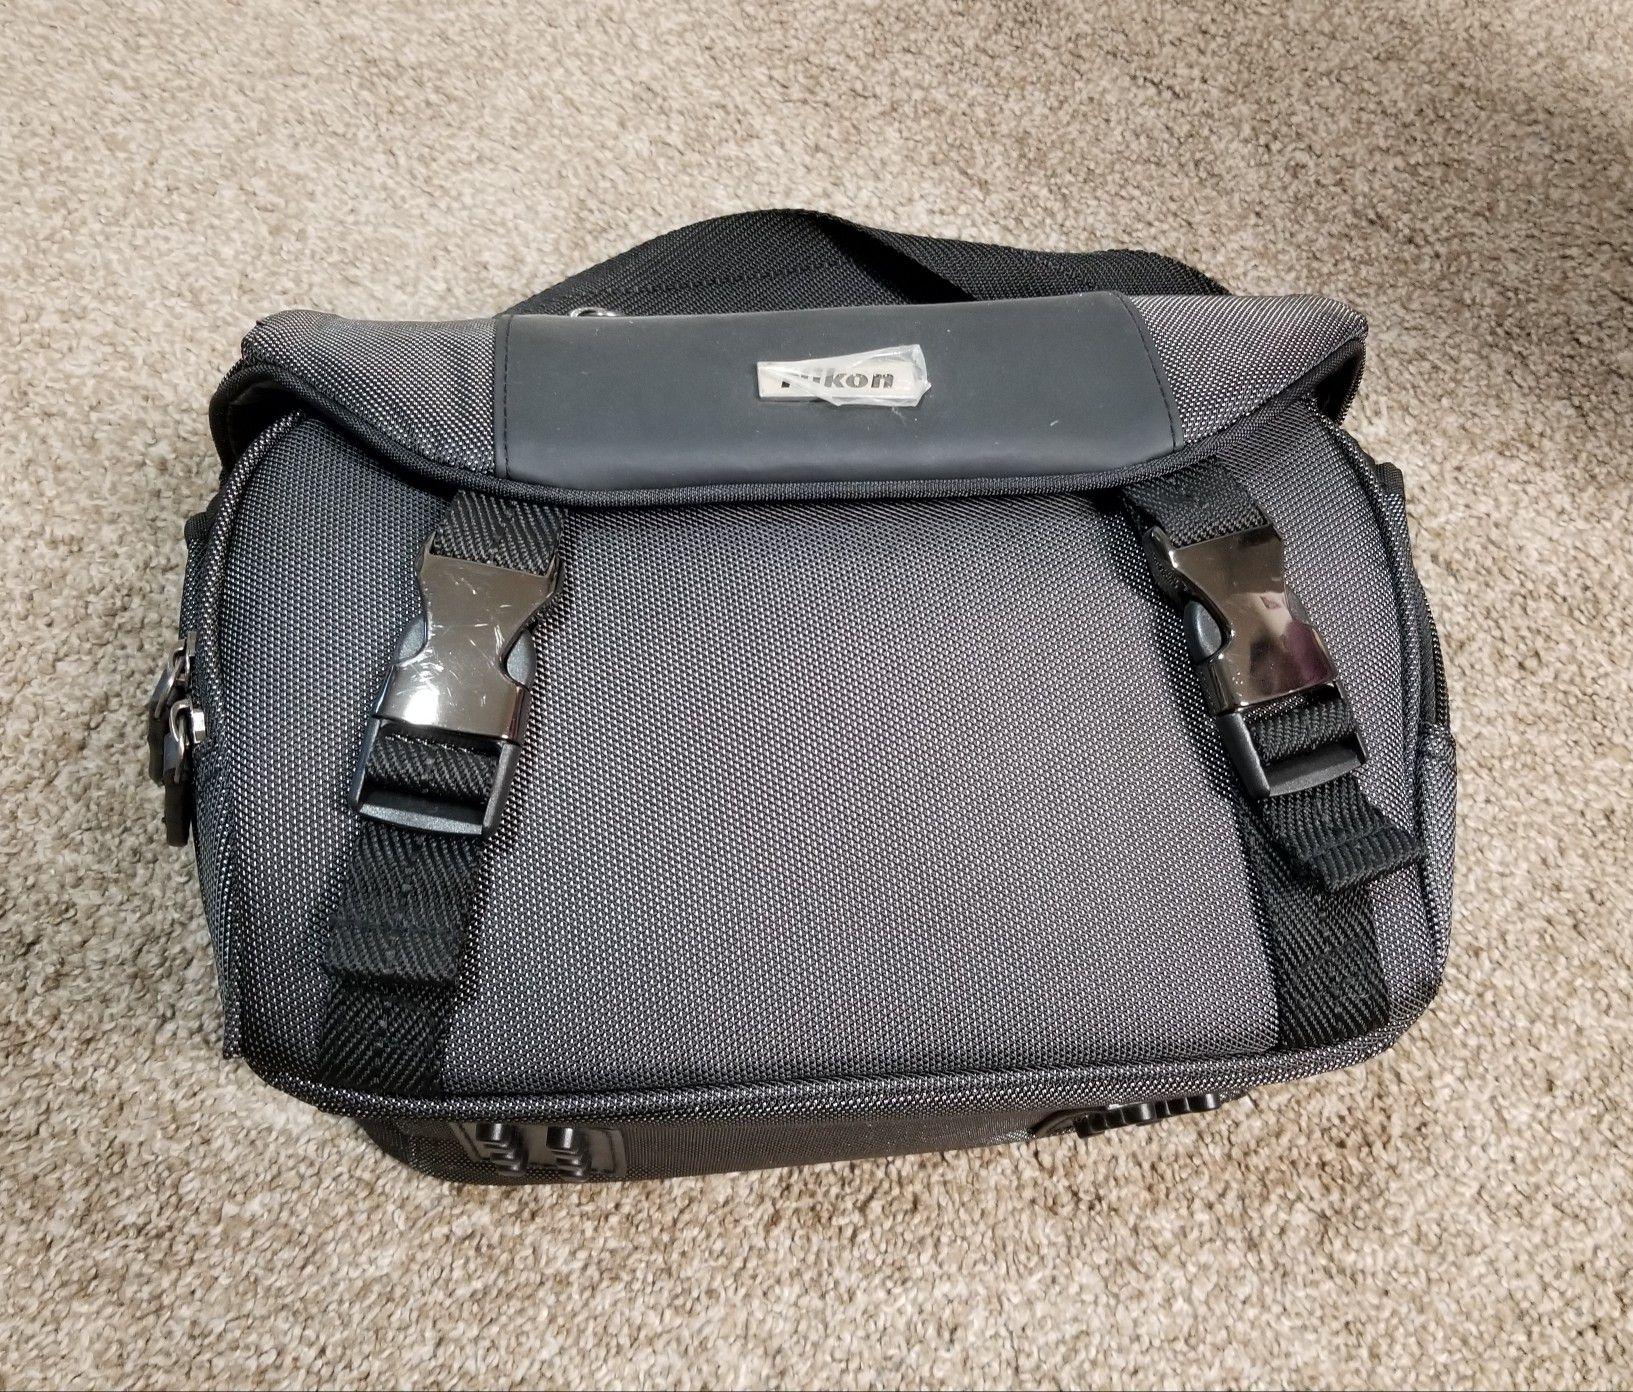 Nikon deluxe digital SLR Camera Case